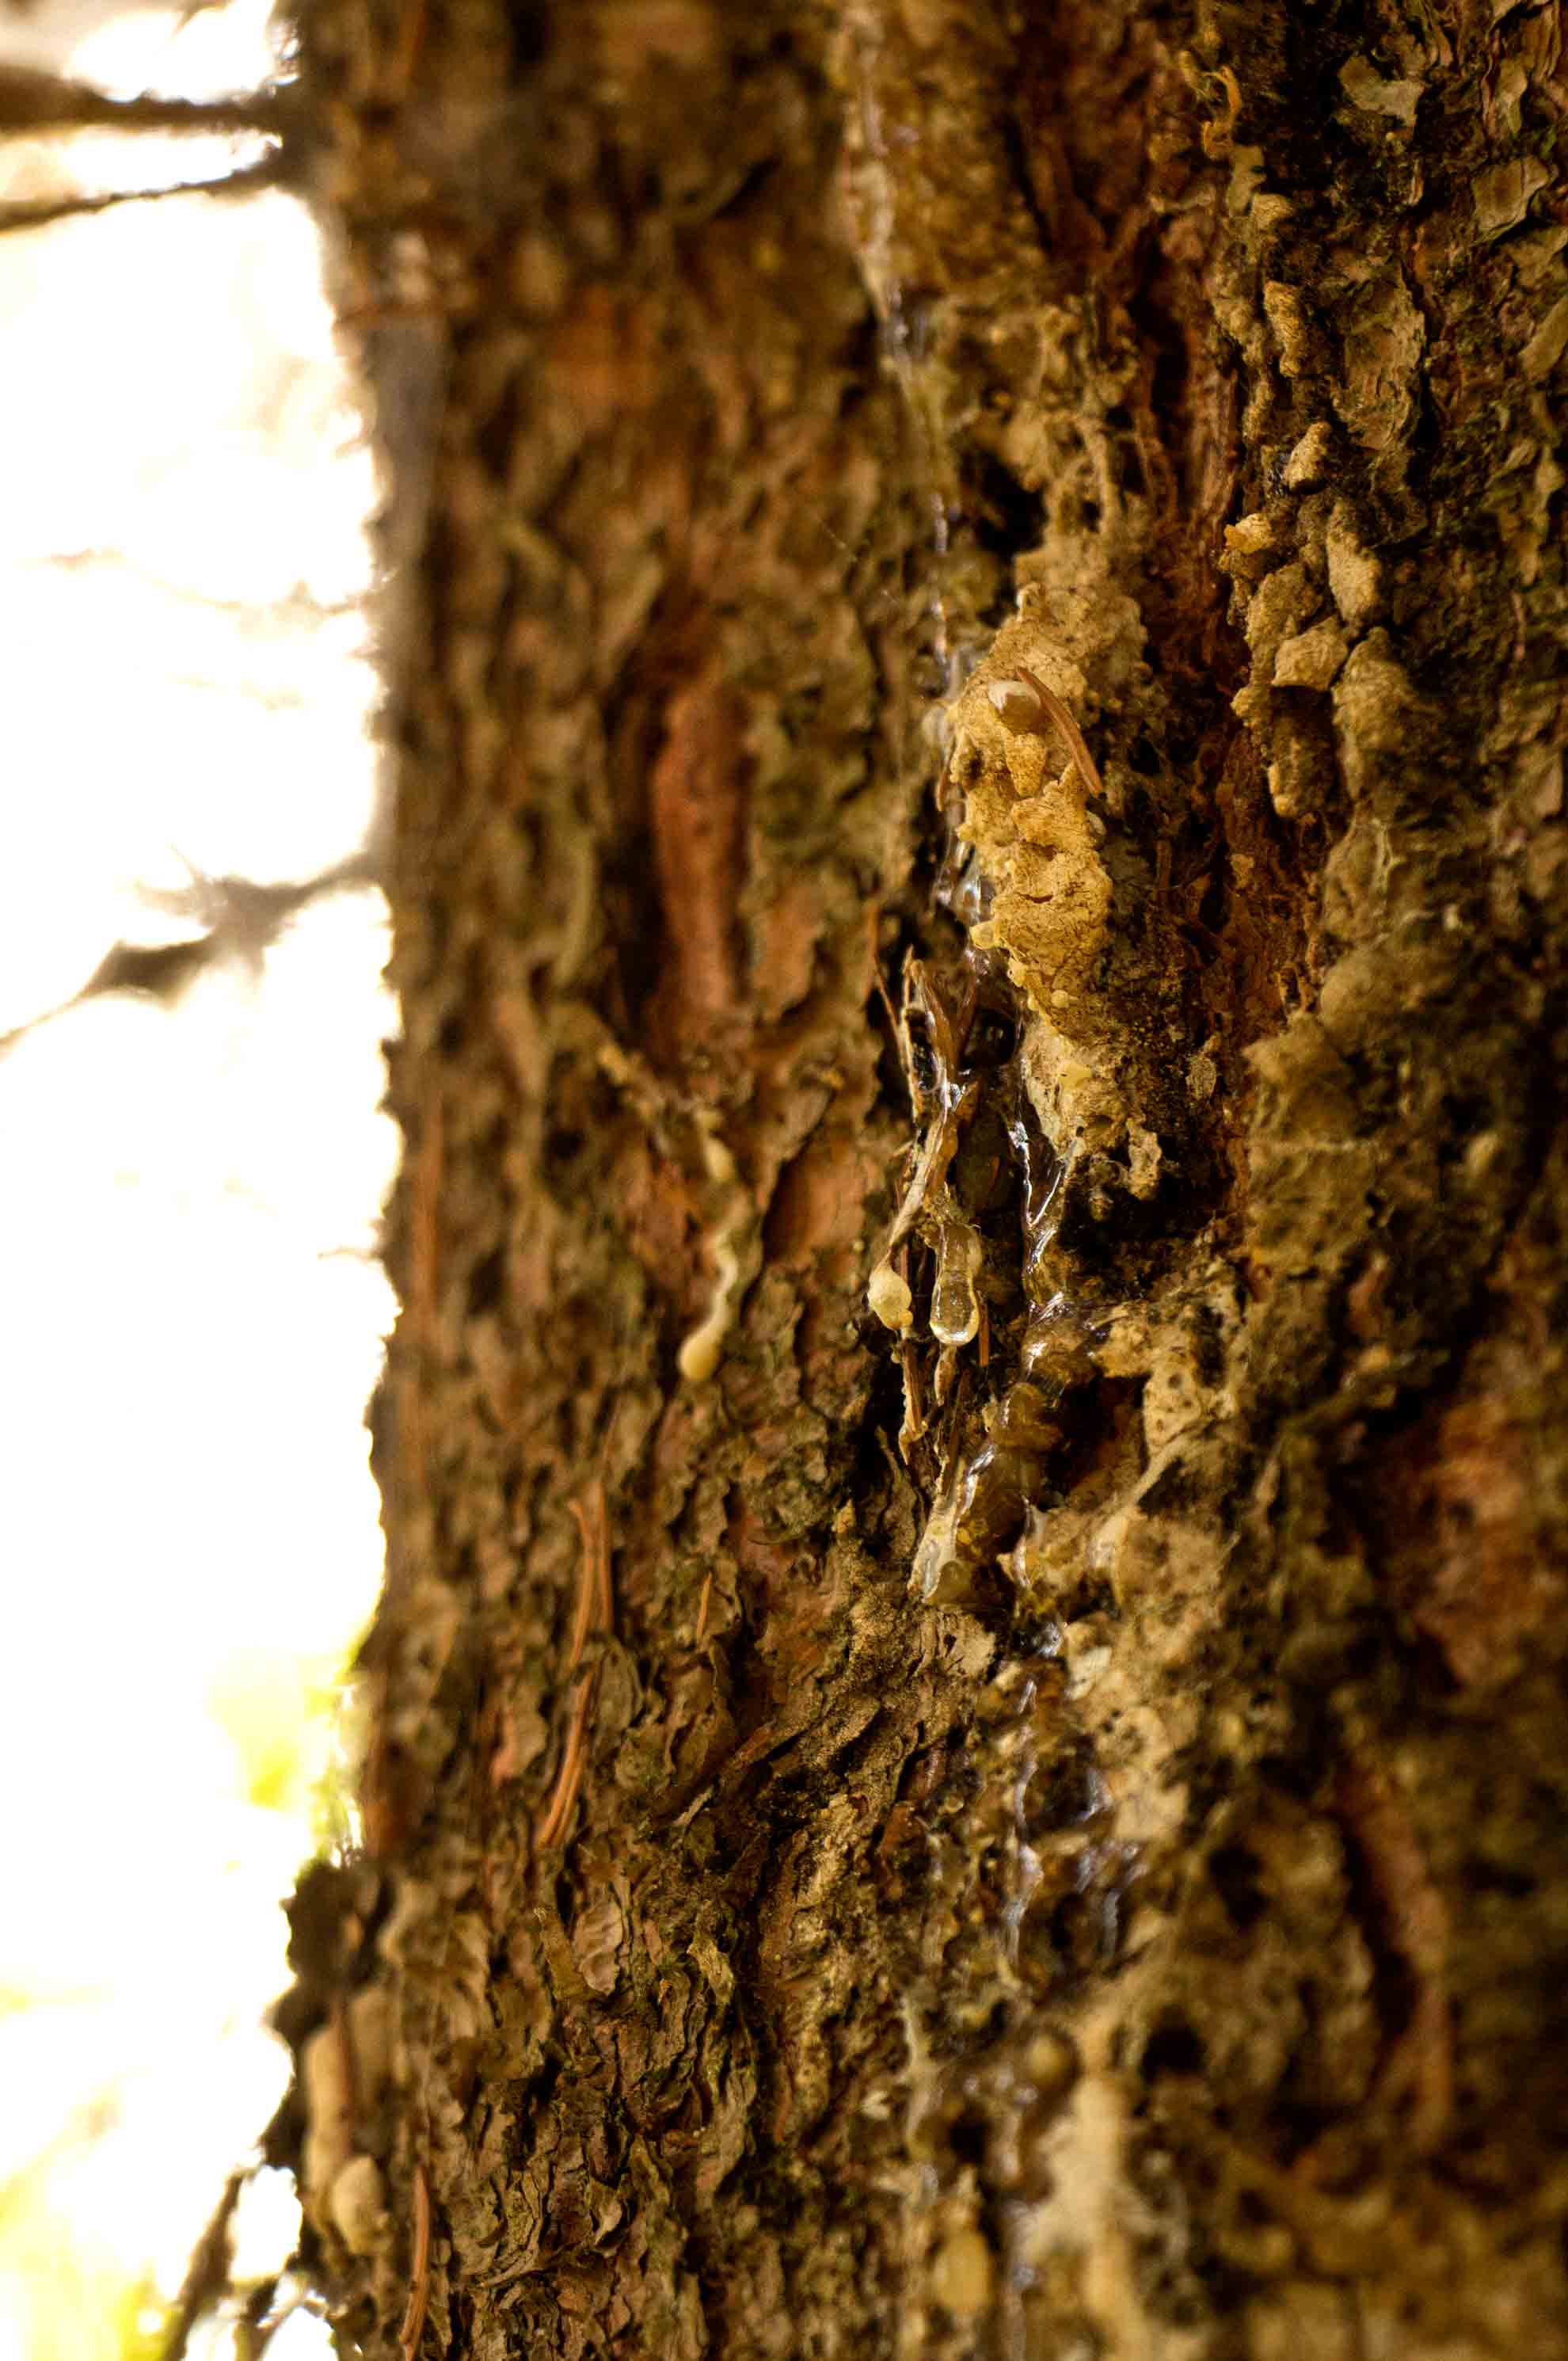 Herbal Hunter – Pechsalbe selber herstellen aus Fichten-Baumharz